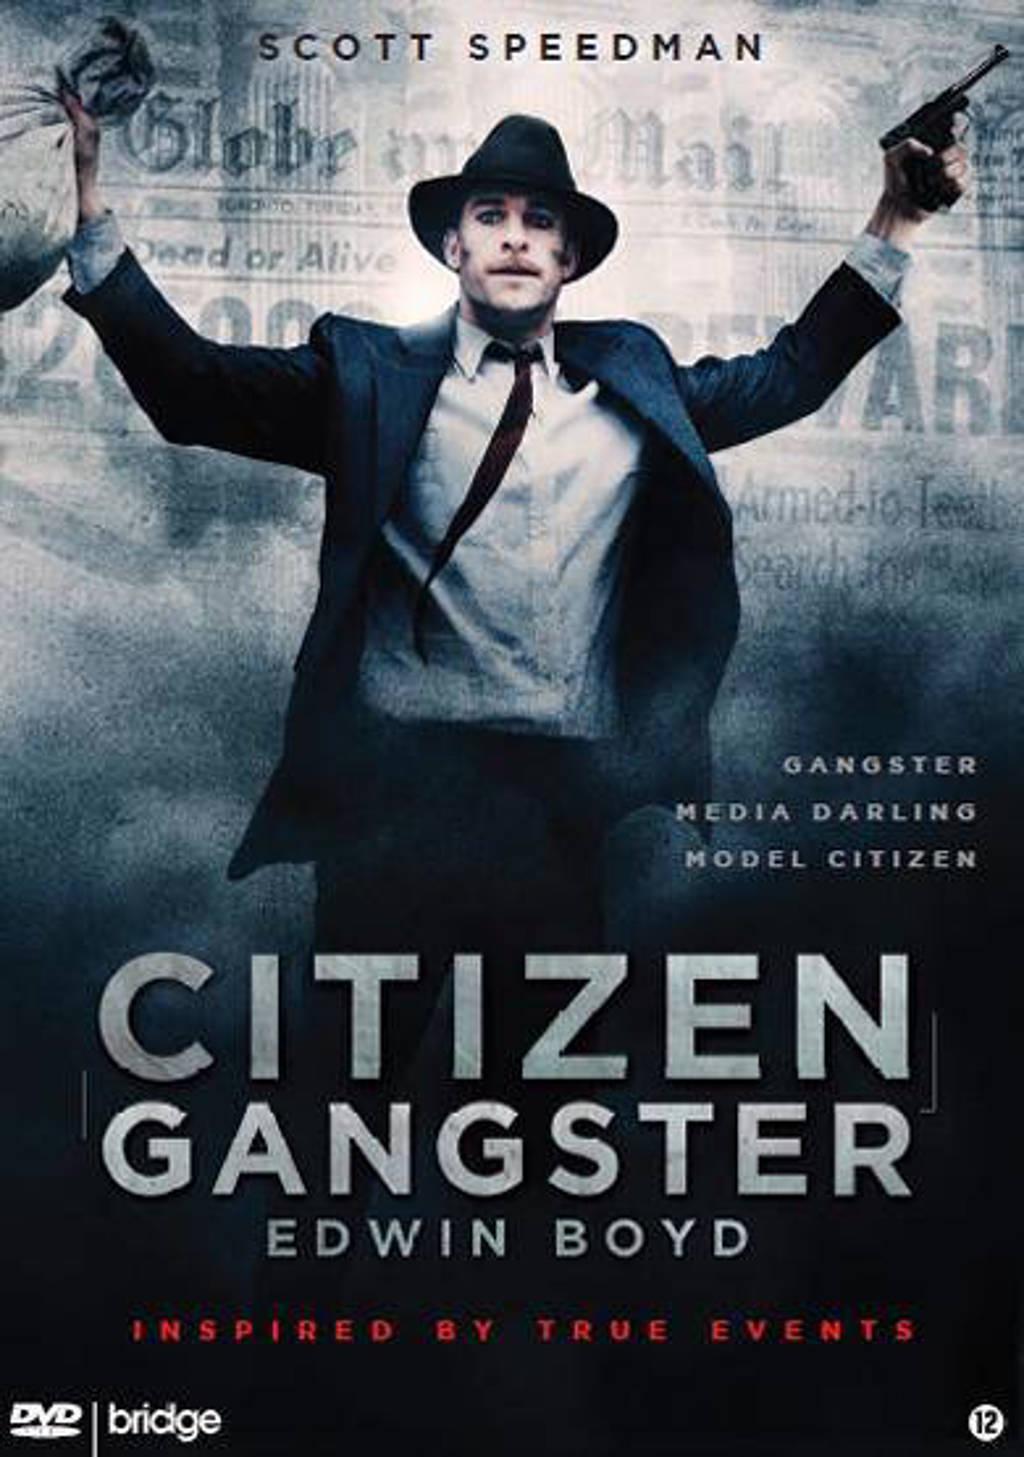 Citizen gangster Edwin Boyd (DVD)